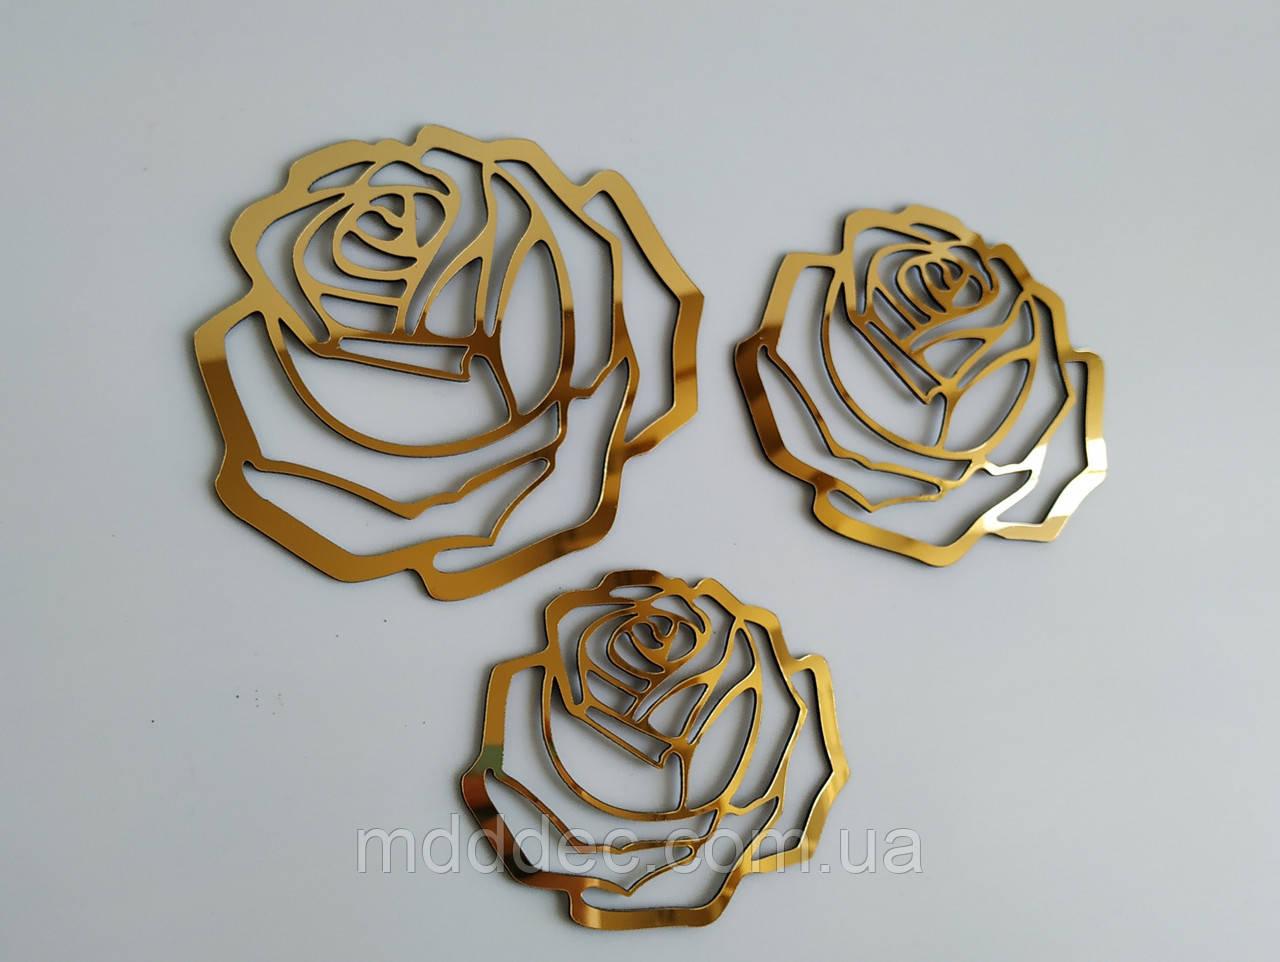 Набор зеркальный пластик золото розы 3 шт